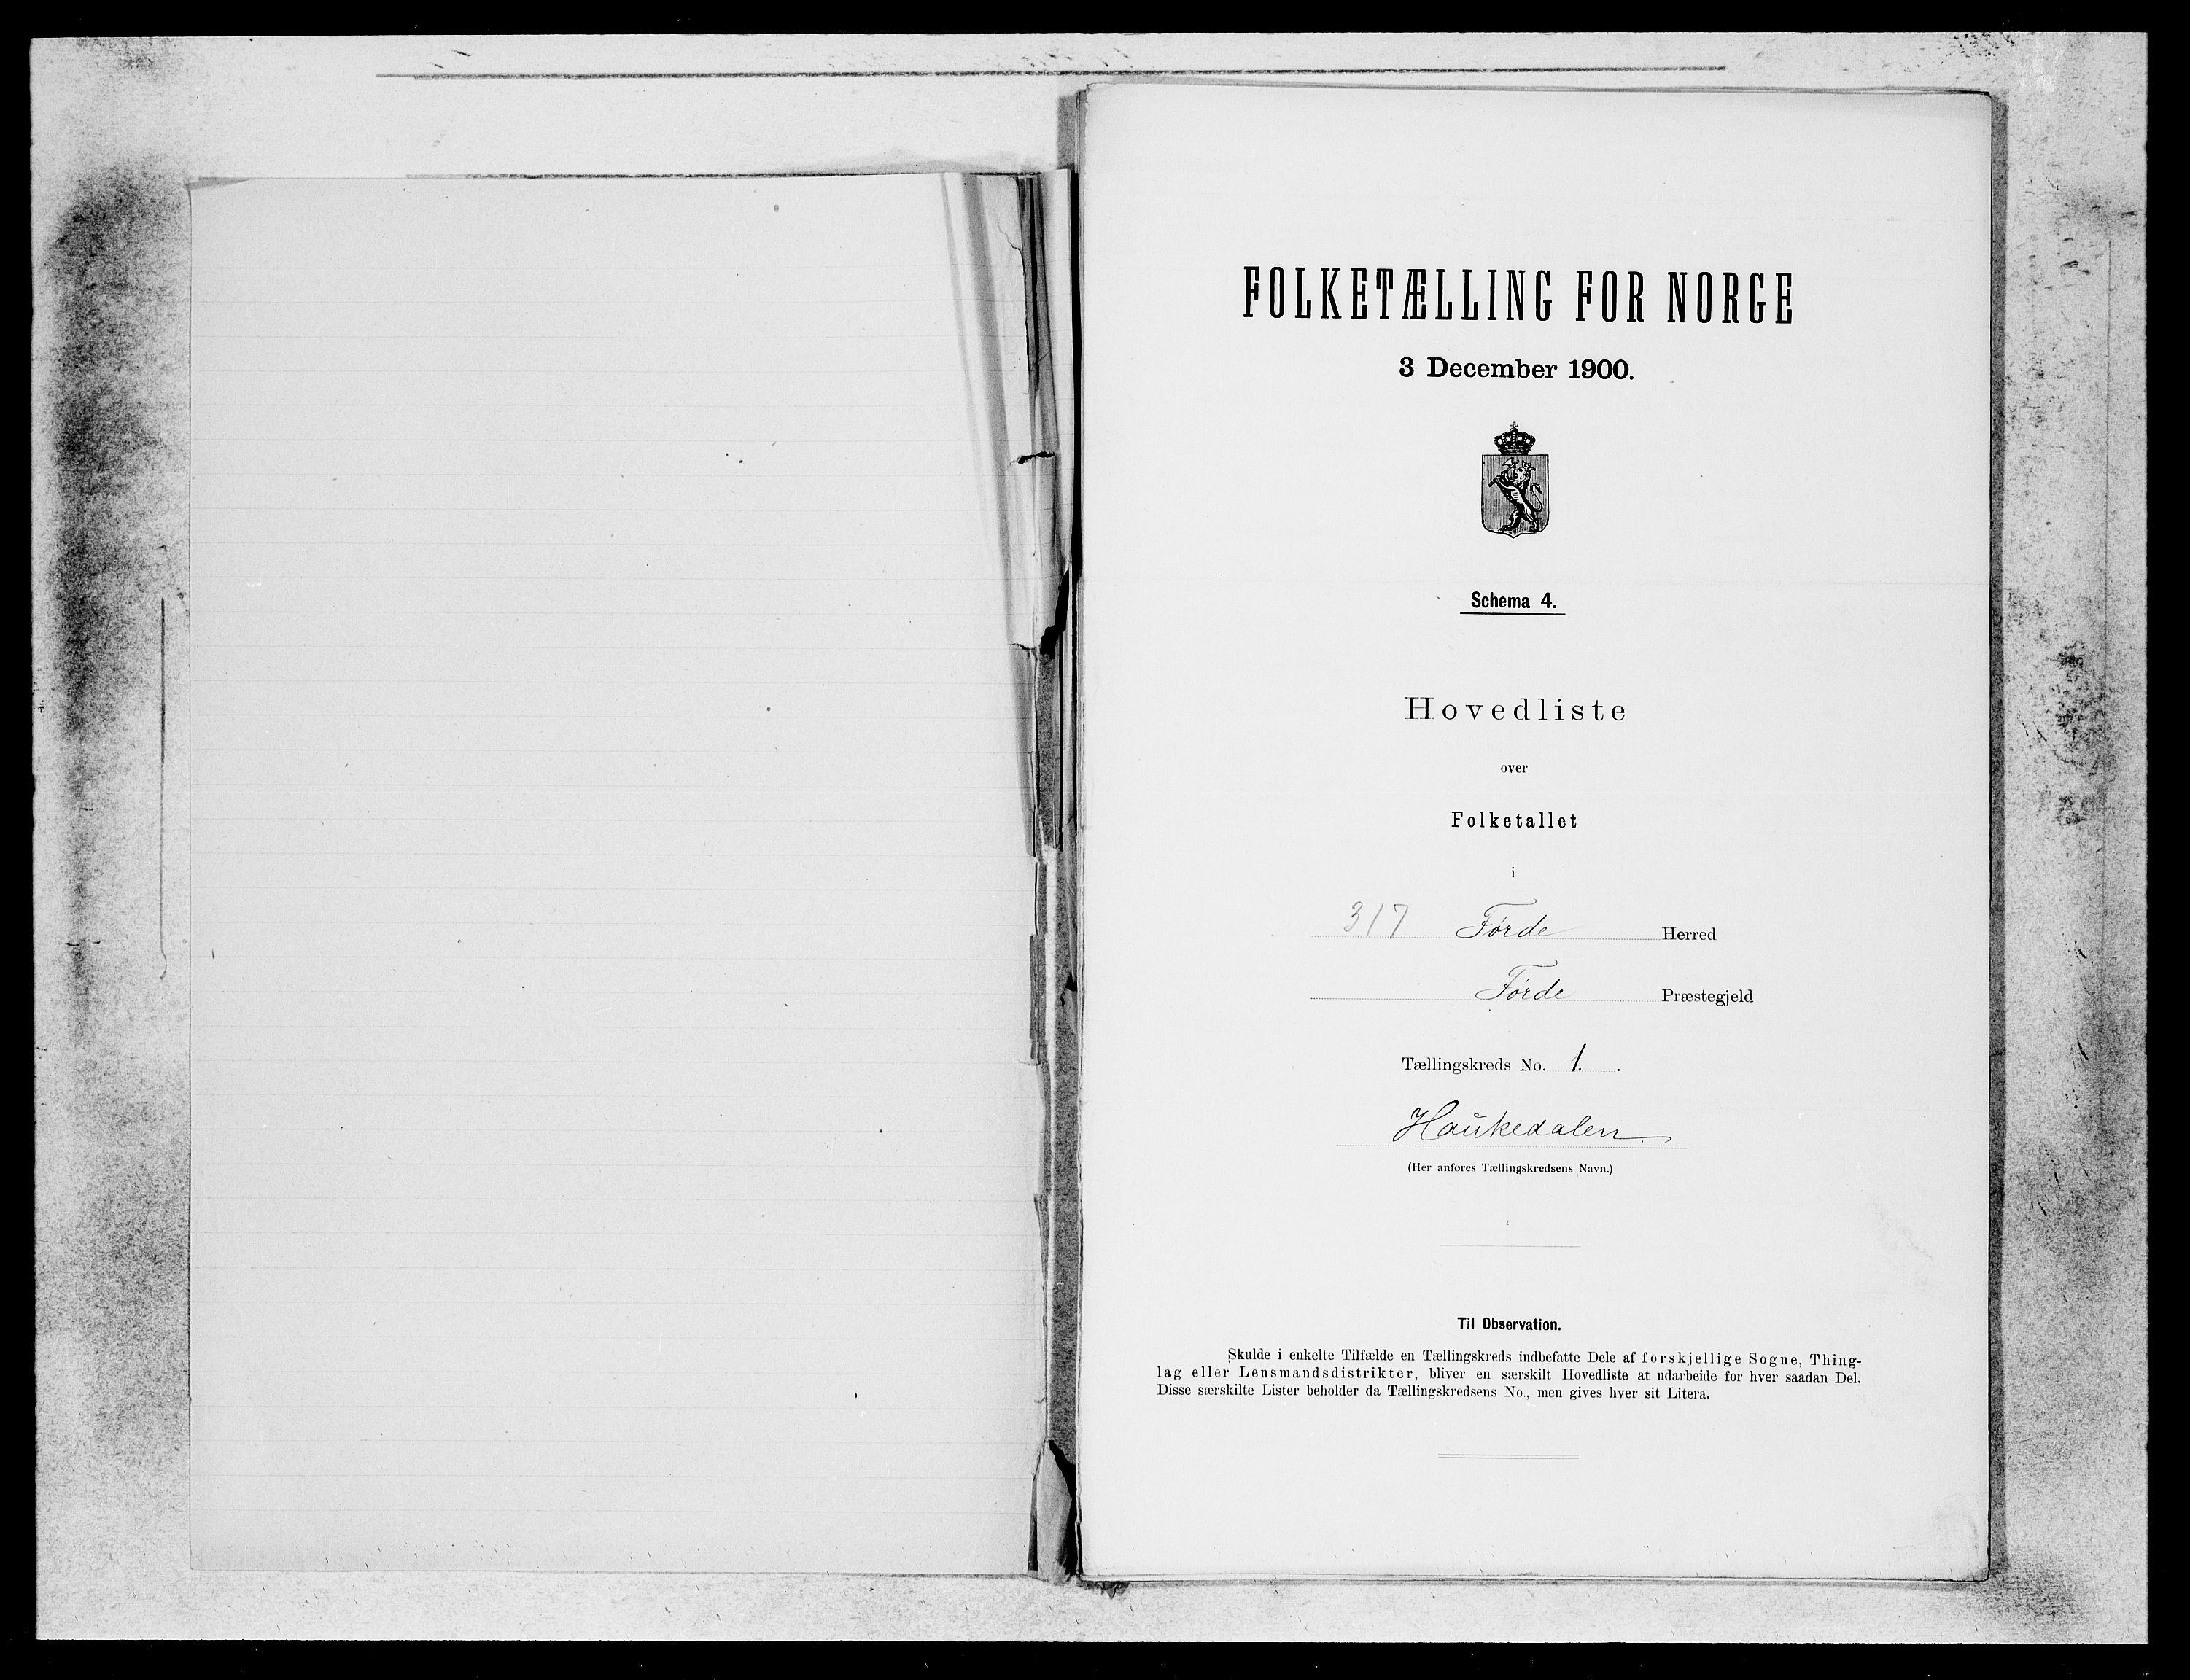 SAB, Folketelling 1900 for 1432 Førde herred, 1900, s. 1